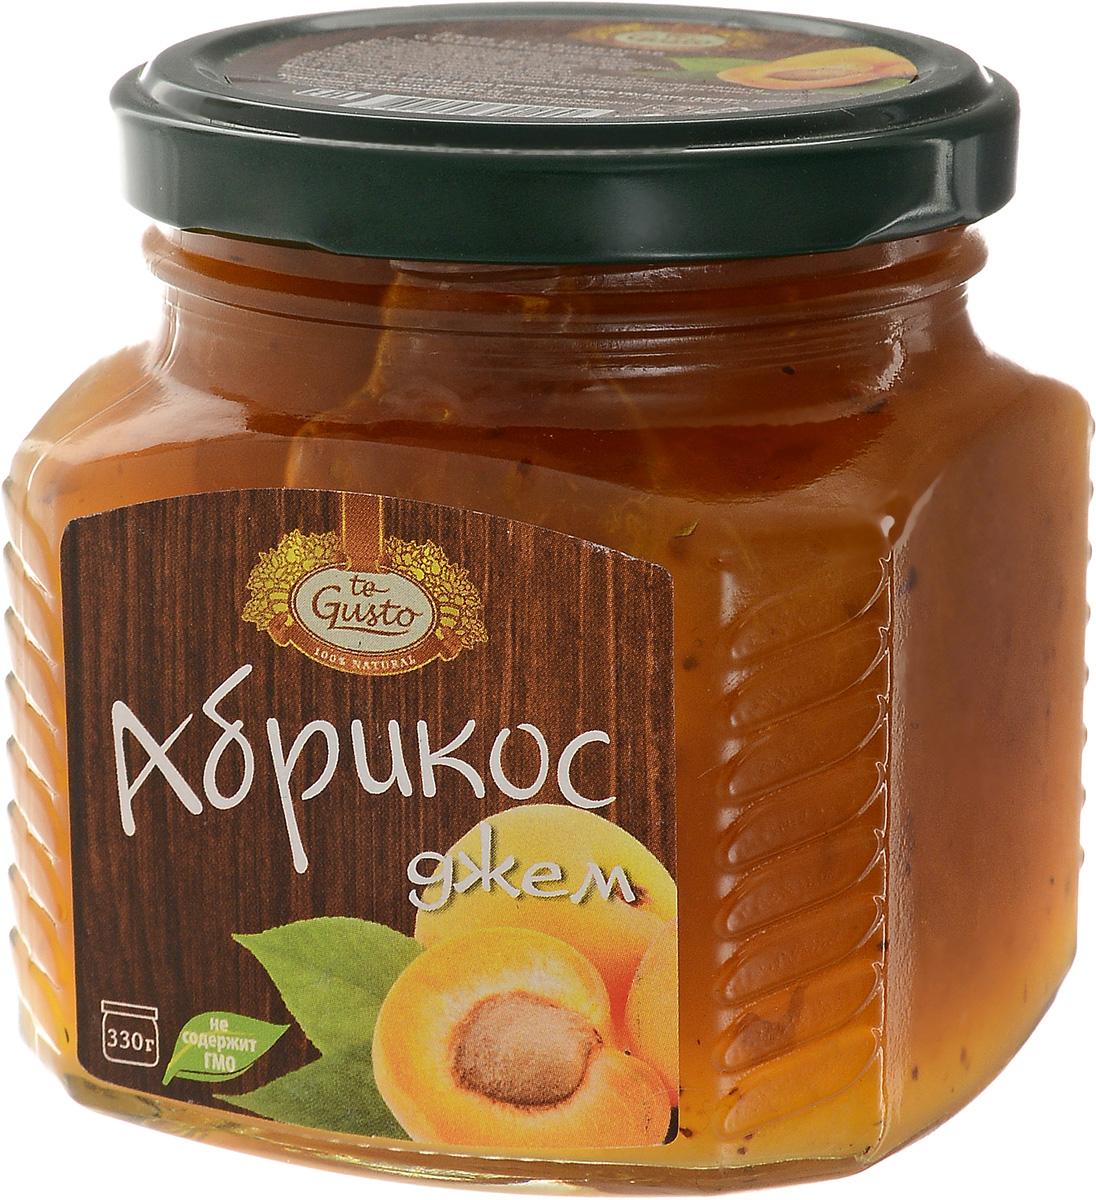 te Gusto Джем из абрикосов, 330 г4657155301290Ароматный джем te Gusto сварен из абрикосов, имеет желеобразную консистенцию с крупными кусочками фруктов. Для приготовления используются только свежие, тщательно отобранные плоды, созревшие в экологически чистых местах. Продукт не содержит ГМО. Абрикос, входящий в состав джема очень полезен для организма, так как содержит большое количество витаминов, таких как А, В, С, Е, Р, РР , а также микро- и макроэлементов, среди которых фосфор, калий, магний, натрий, железо и йод. Абрикосы способствуют пищеварению, выводят из кишечника шлаки, улучшают работу сердечно-сосудистой системы, укрепляют иммунитет, помогают больным астмой, аритмией, ишемической болезни сердца. Уважаемые клиенты! Обращаем ваше внимание, что полный перечень состава продукта представлен на дополнительном изображении.